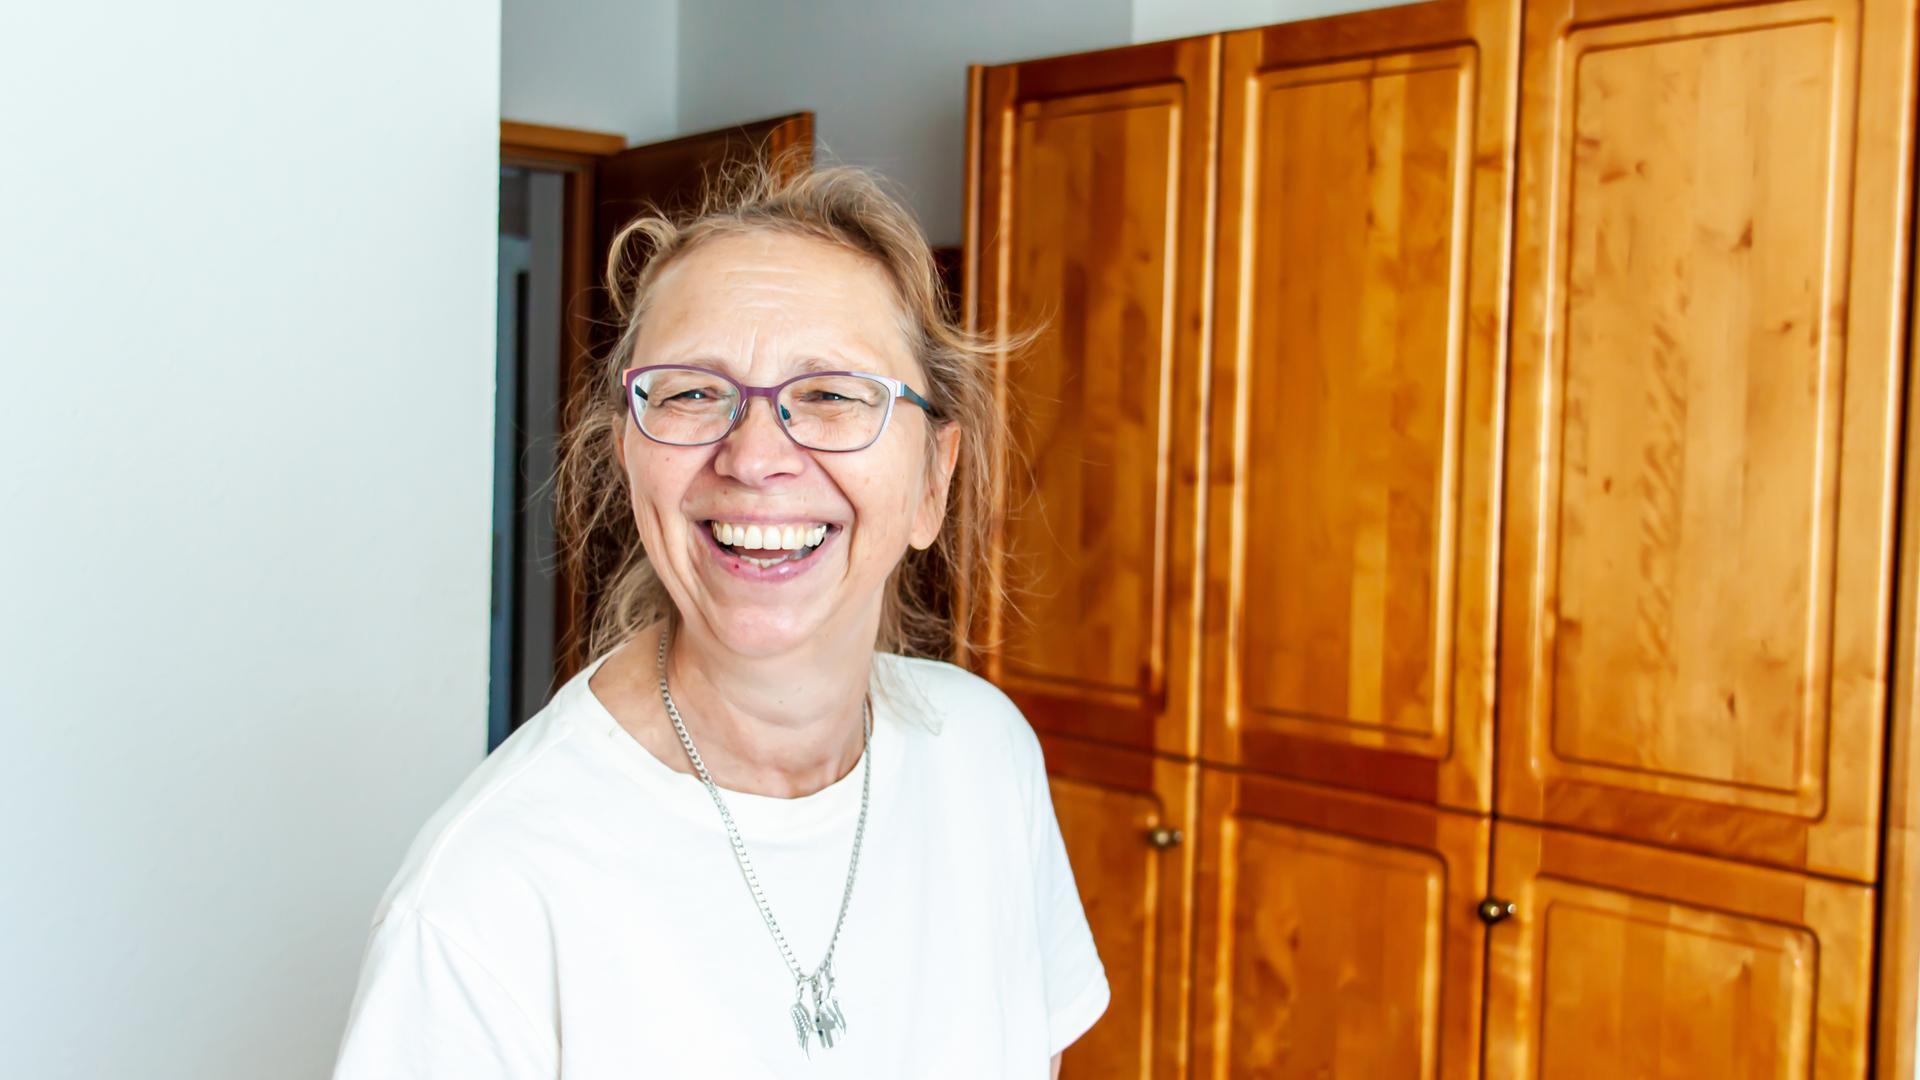 Gut gelaunt streift Sabine Koch durch die Zimmer der ehemaligen Wagner-Kliniken in Sasbachwalden. Seit Anfang dieses Jahres kümmert sie sich im Auftrag der Gemeinde um den Verkauf des restlichen Inventars Ganze Zimmereinrichtungen, wie auf unserem Foto, kommen dabei allerdings seltener unter den Hammer.